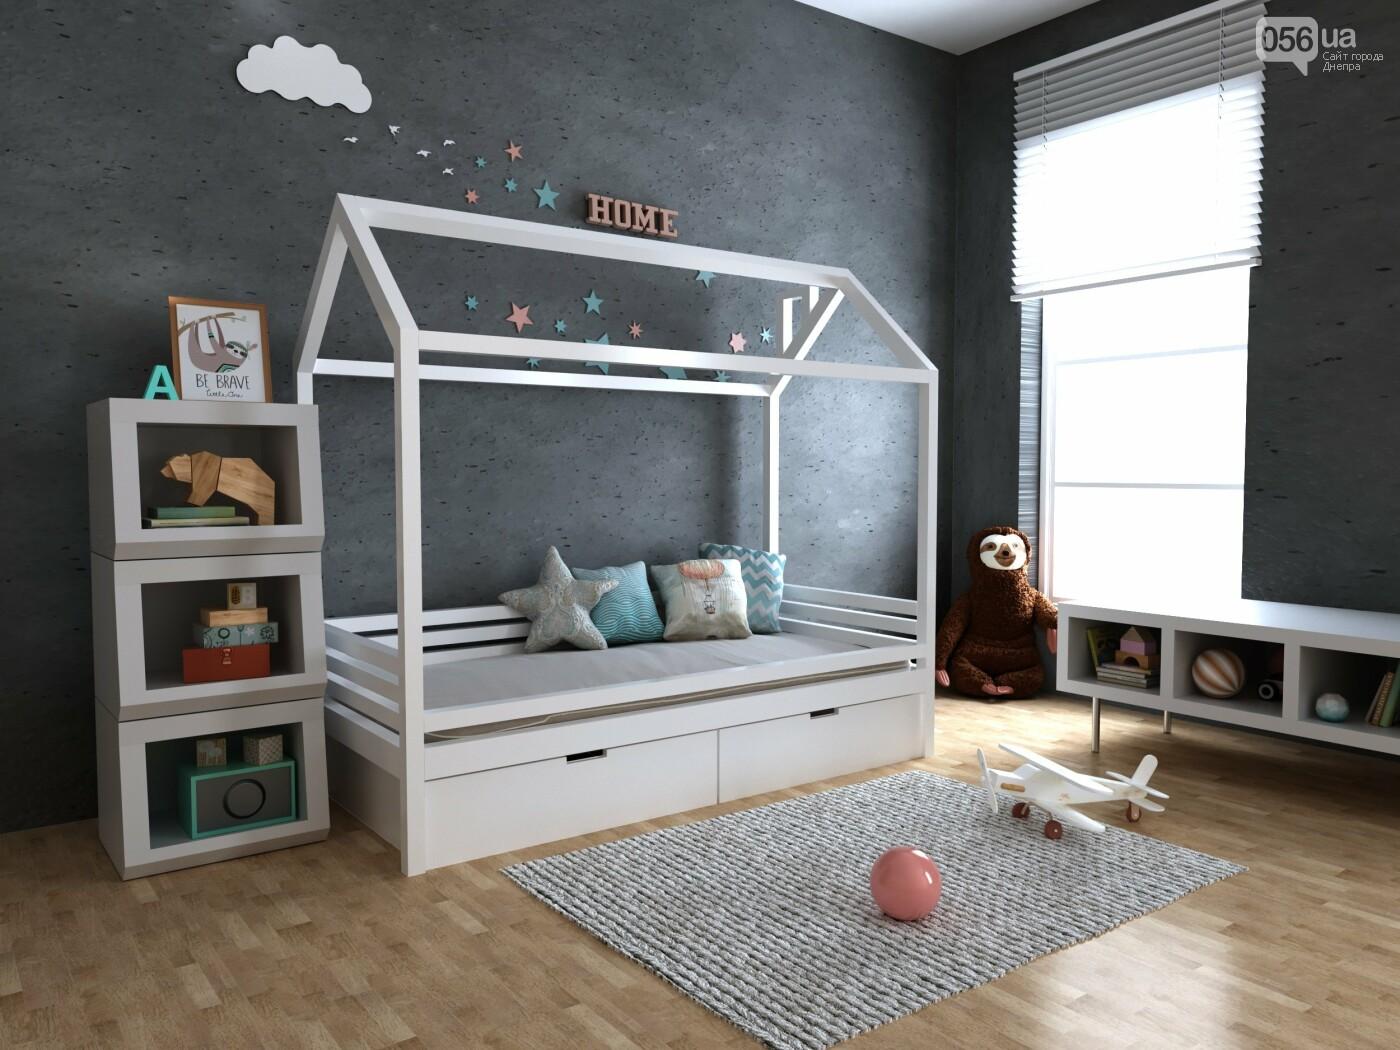 Время обновиться: качественная и доступная мебель от VoV.Furniture, фото-2